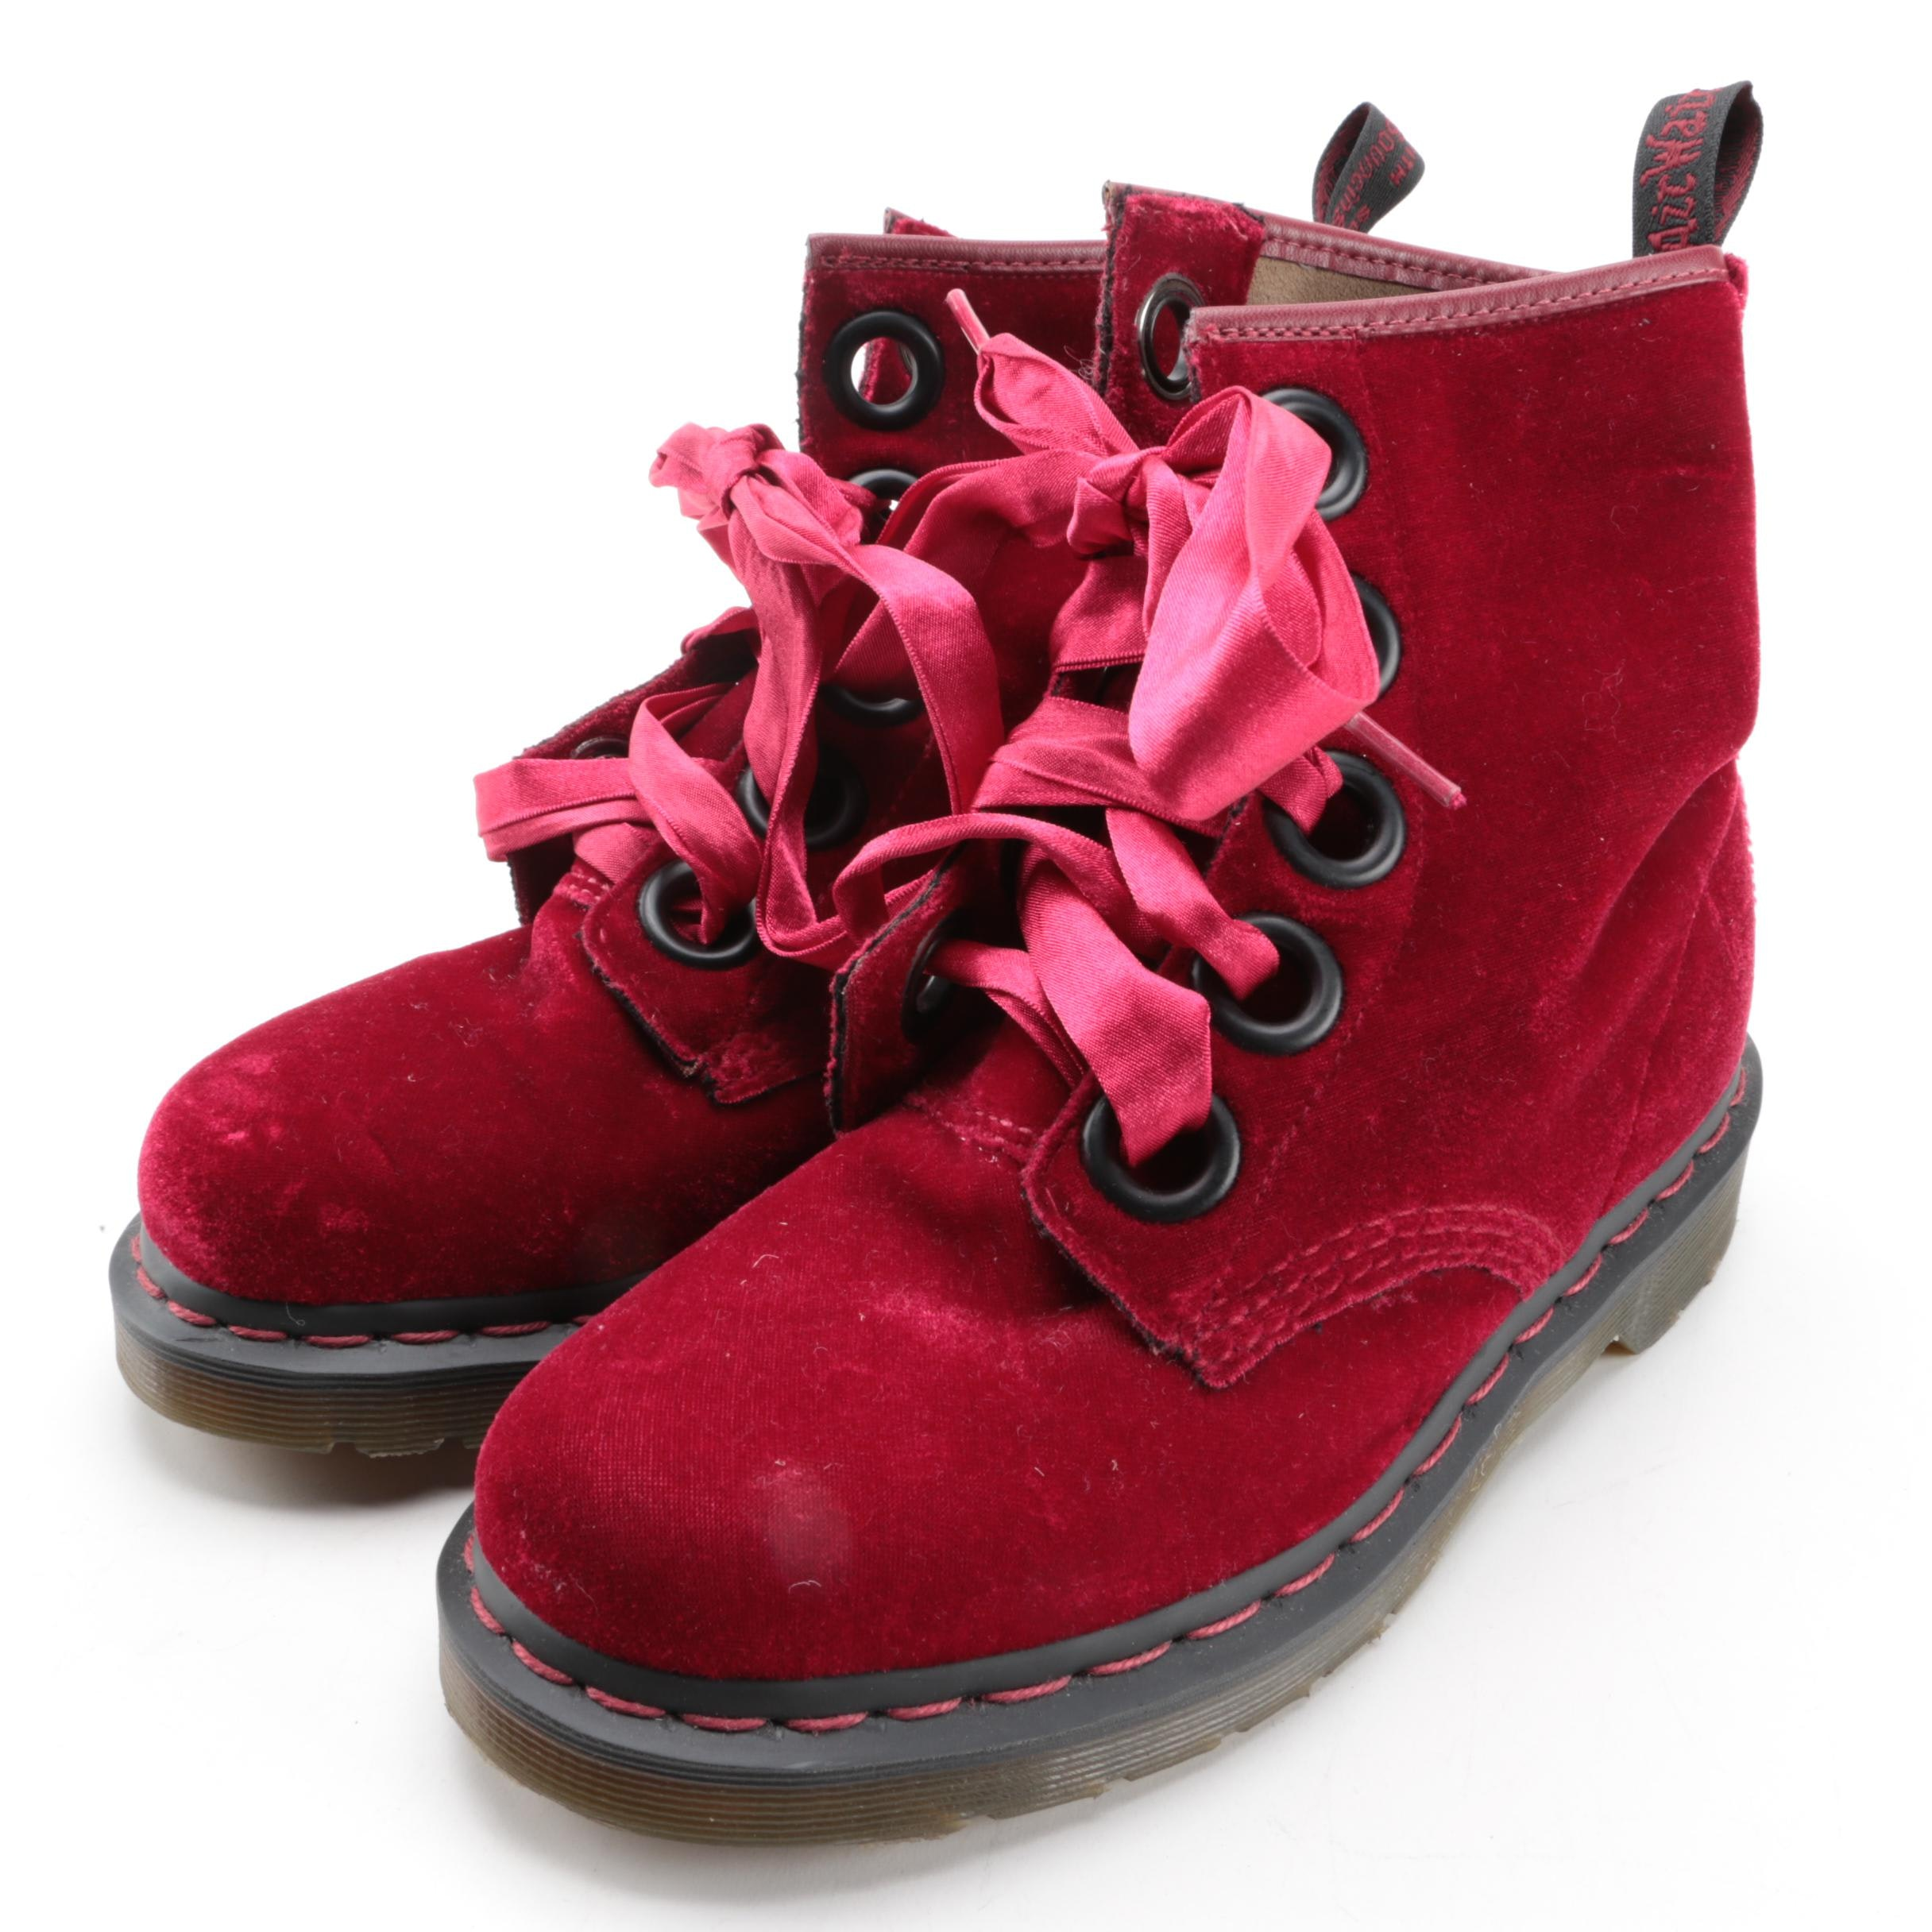 Women's Dr. Martens Red Velvet Boots